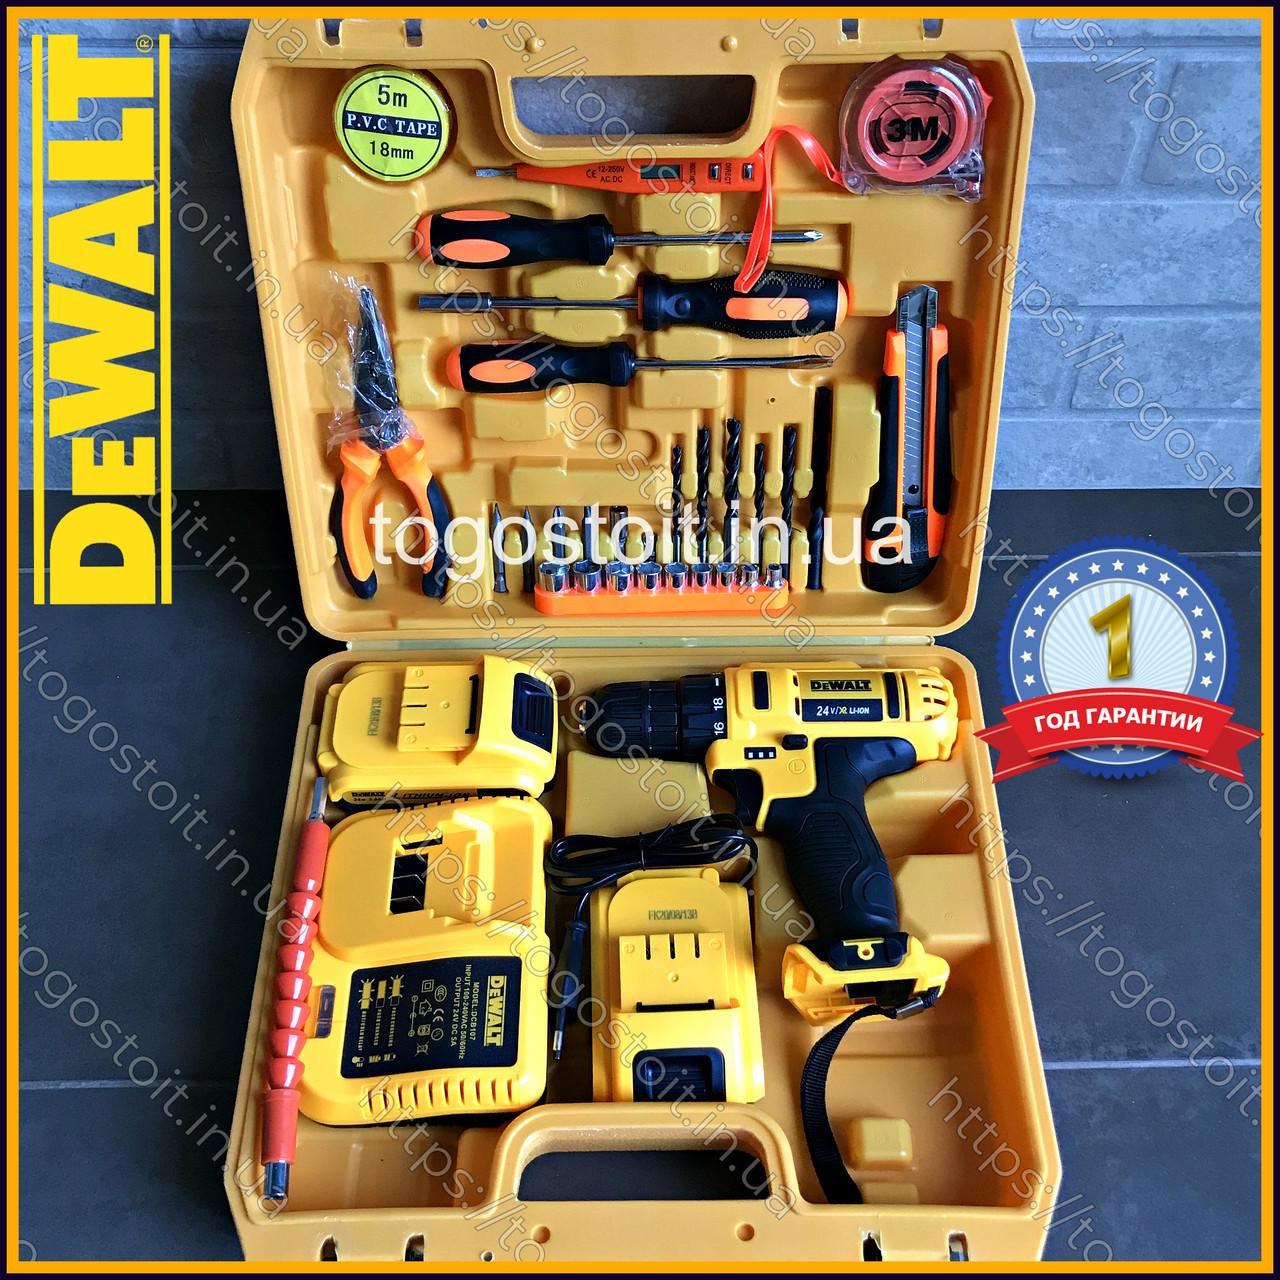 Шуруповерт DeWALT DCD791 (24V 5A/h Li-Ion) c набором інструментів. Акумуляторний шуруповерт Деволт